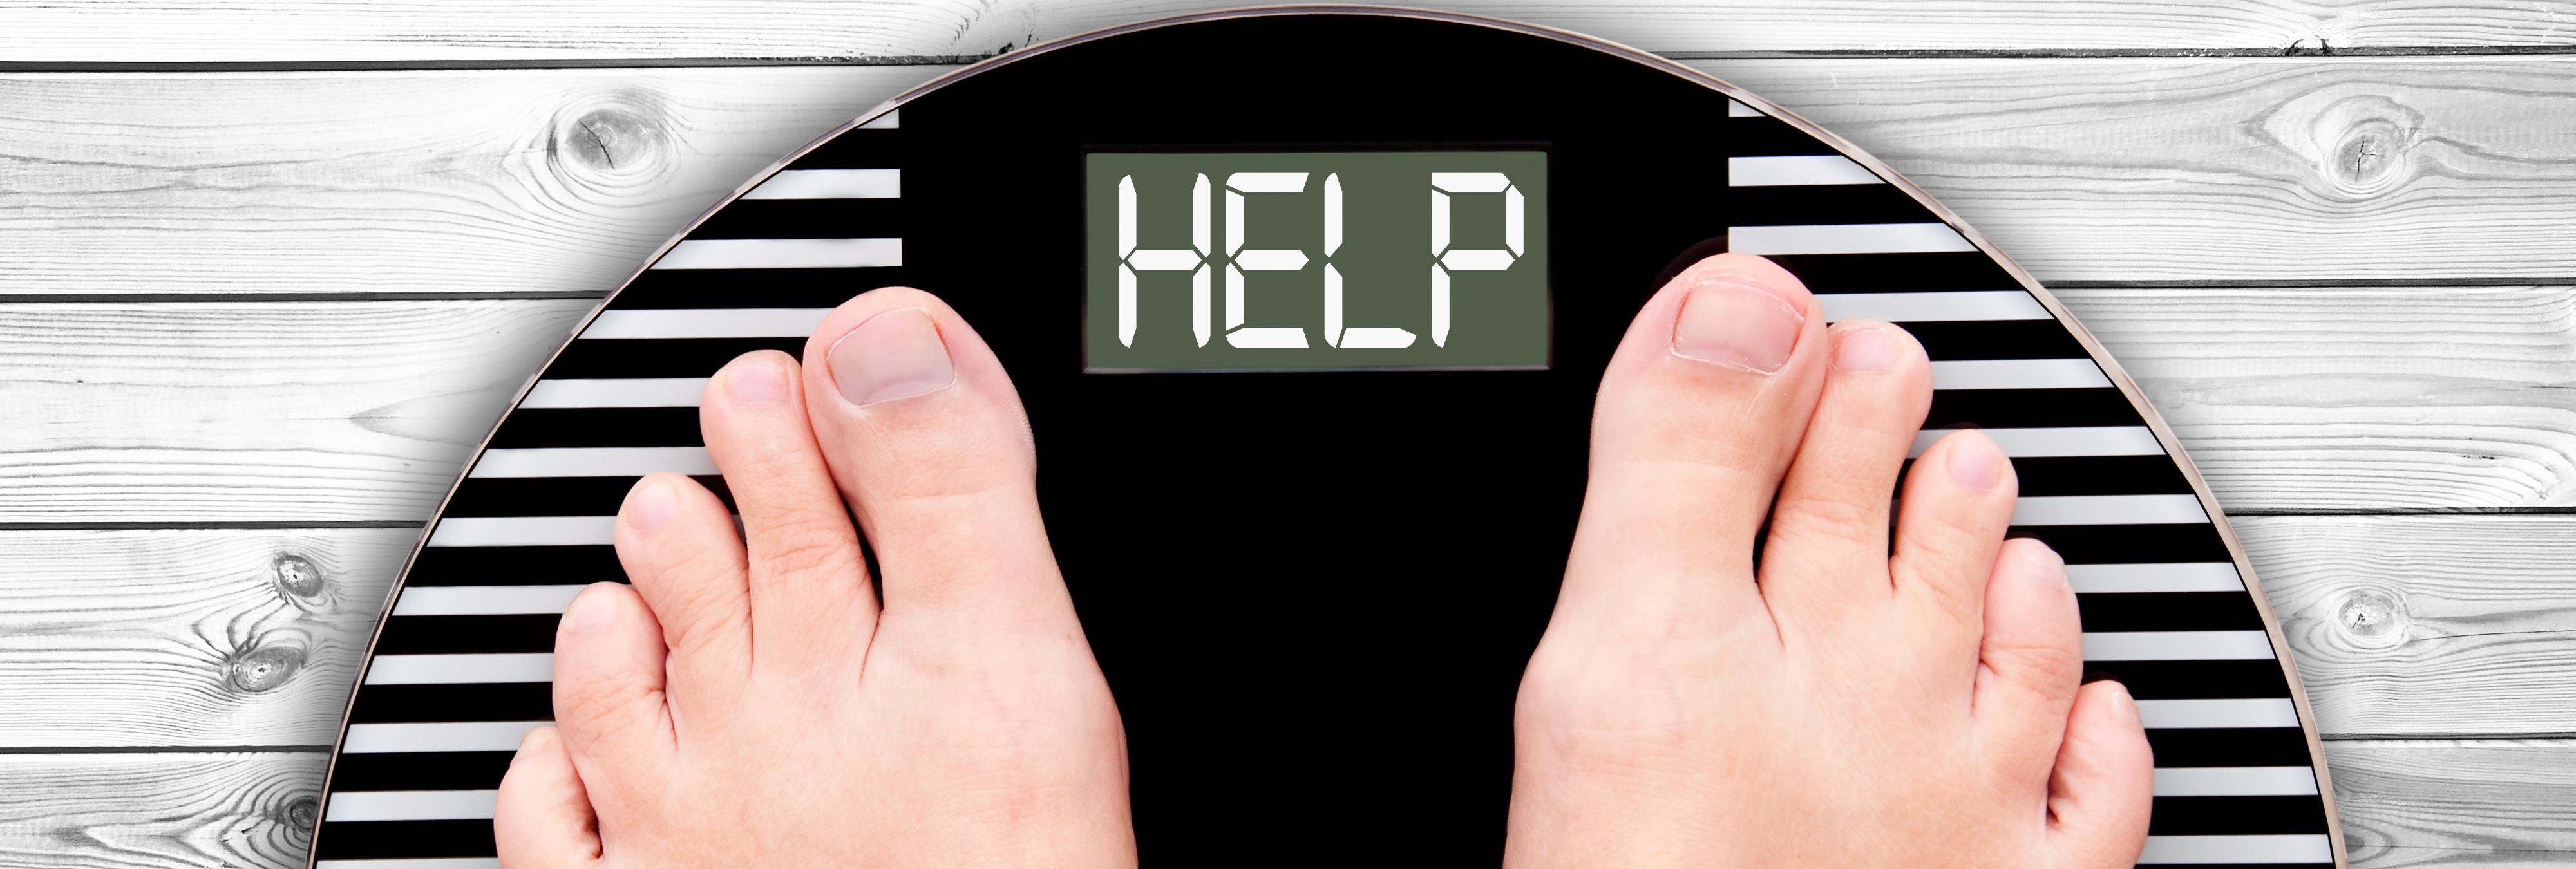 Los jóvenes están condenados a sufrir sobrepeso hagan lo que hagan